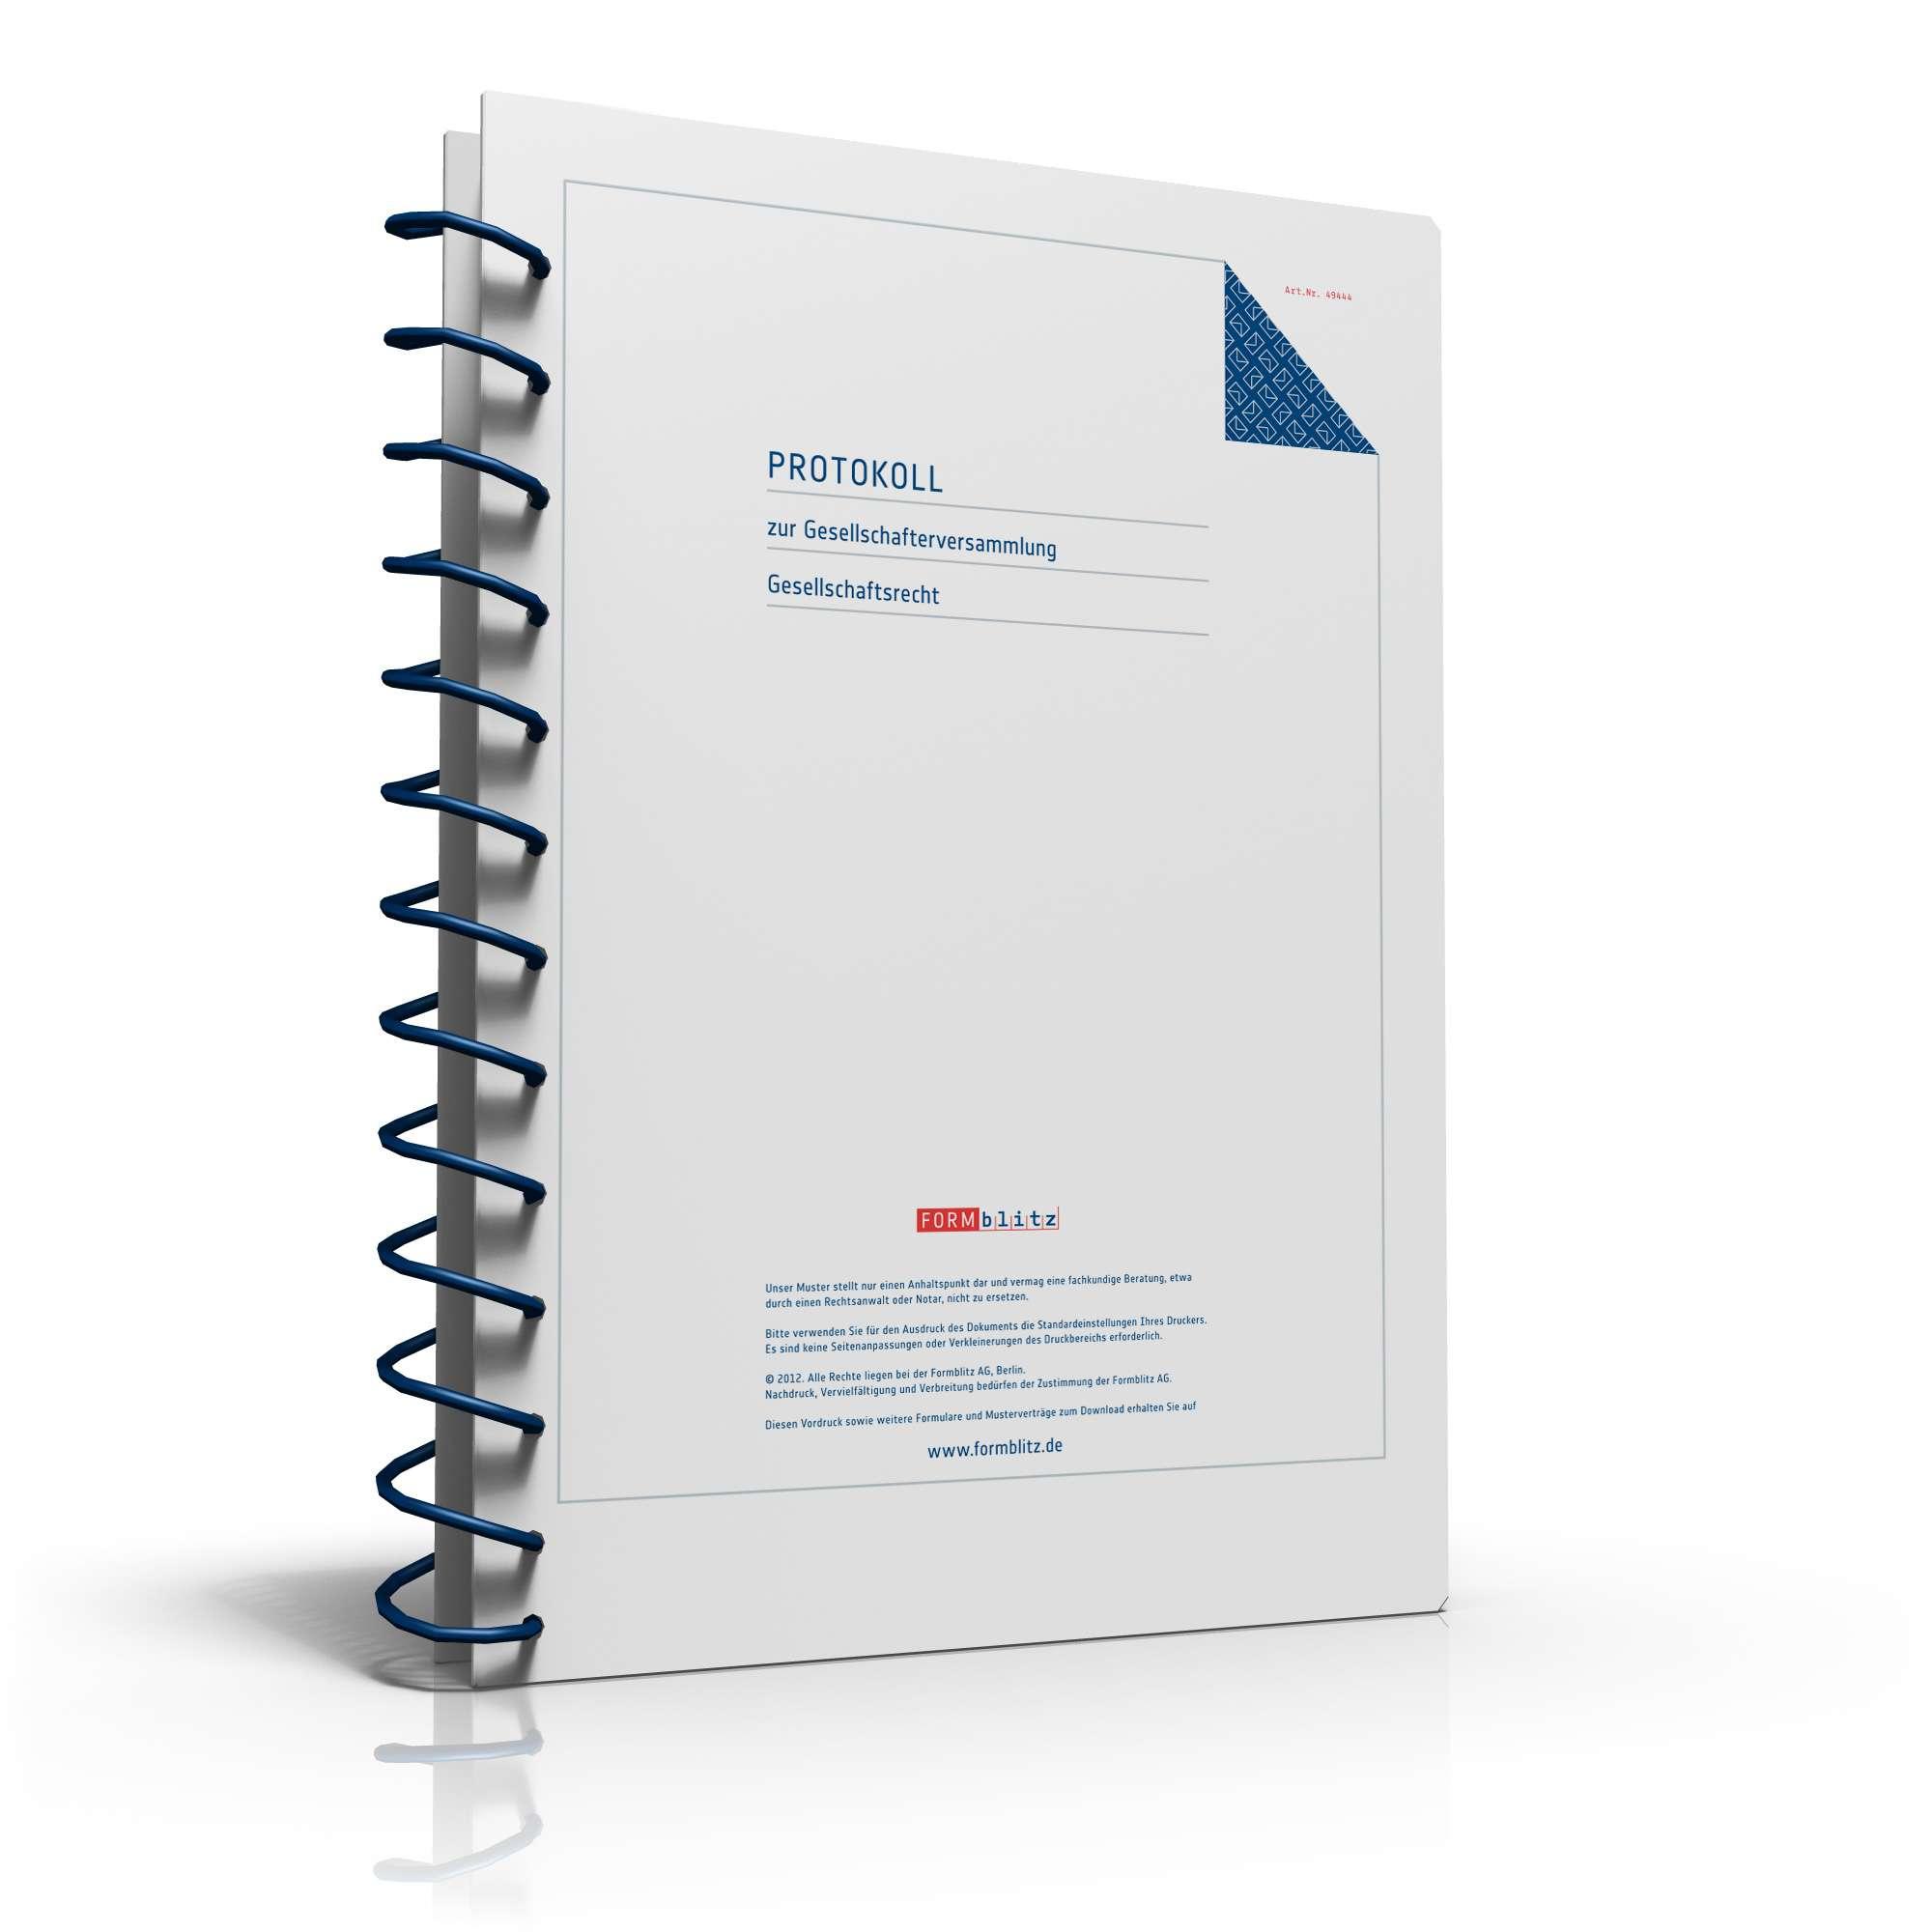 protokoll gesellschafterversammlung | vorlage zum download, Einladung